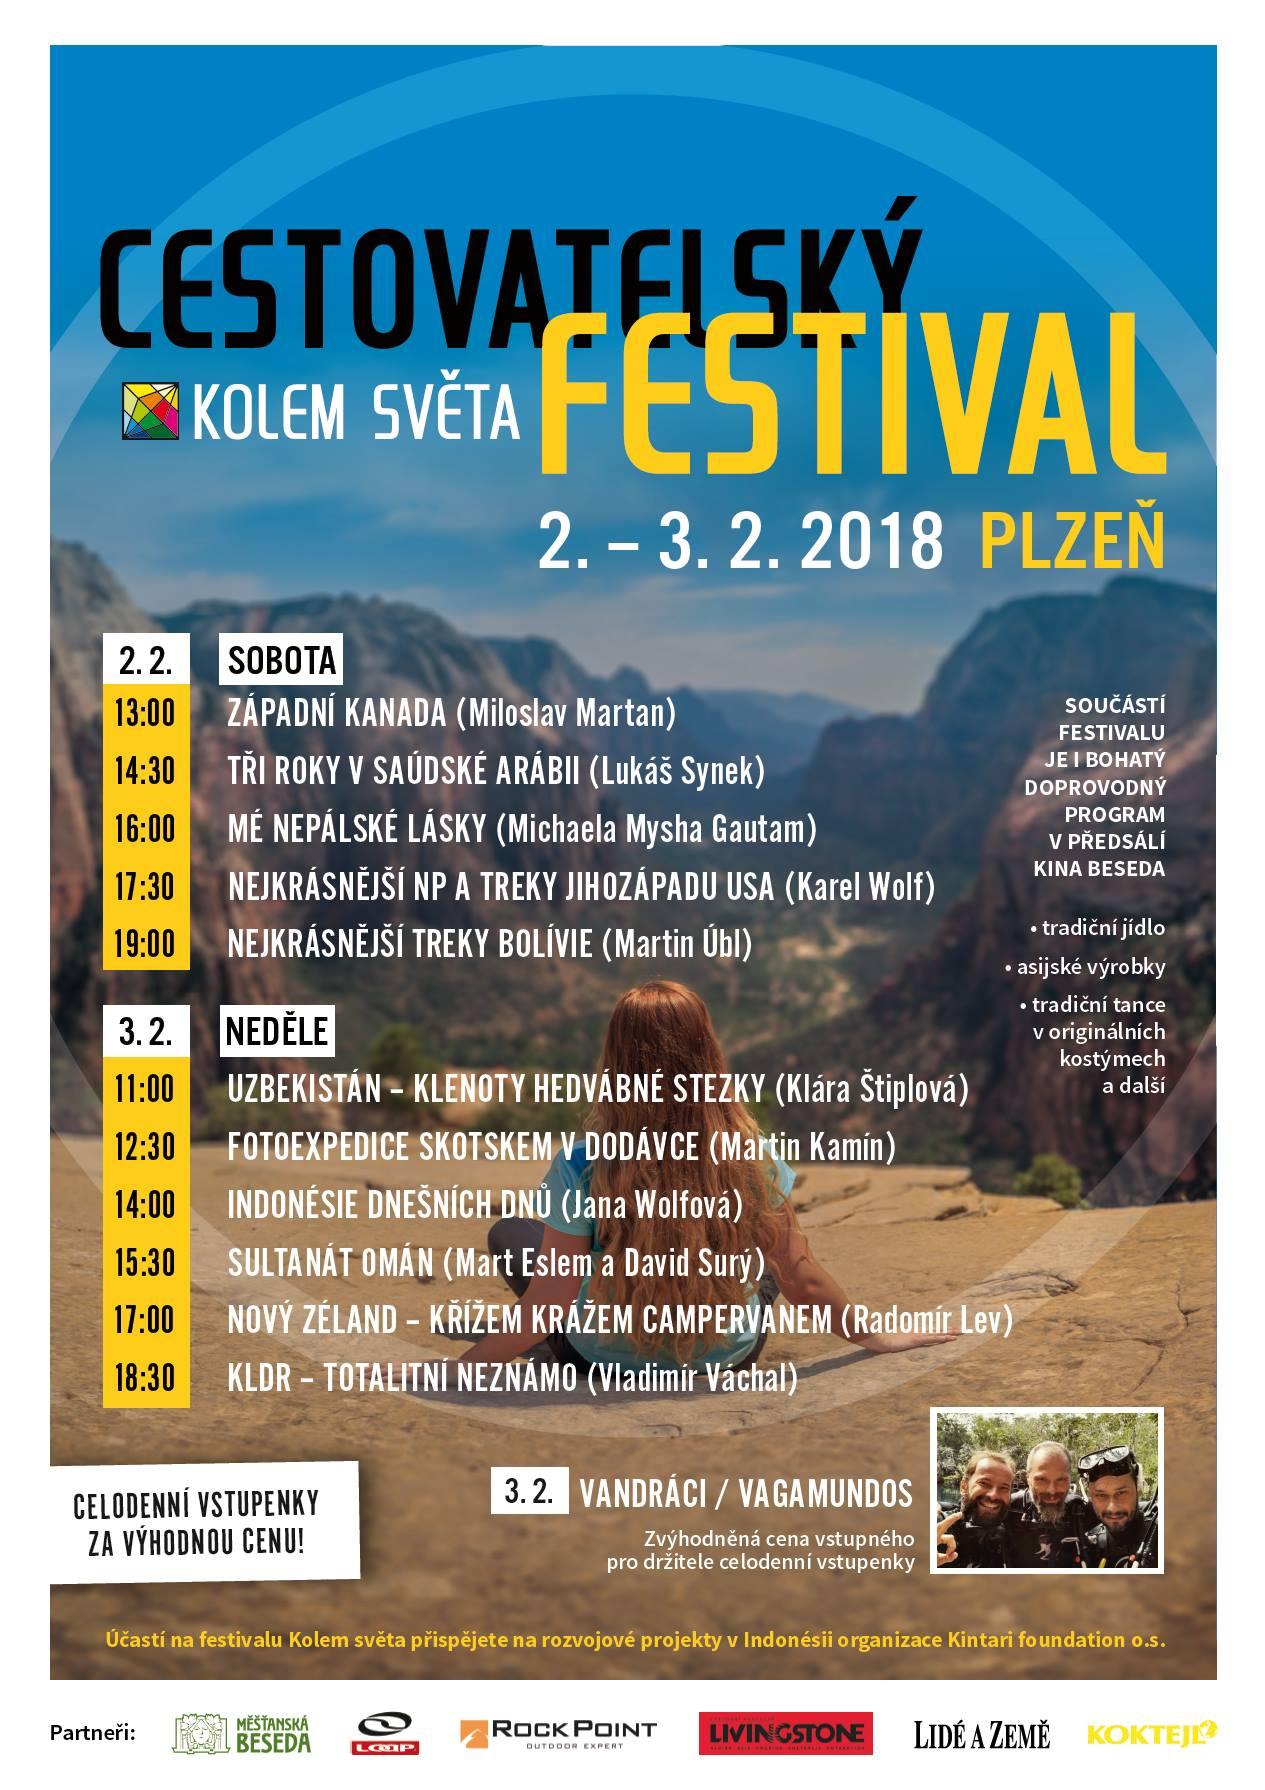 Cestovatelský festival KOLEM SVĚTA Plzeň